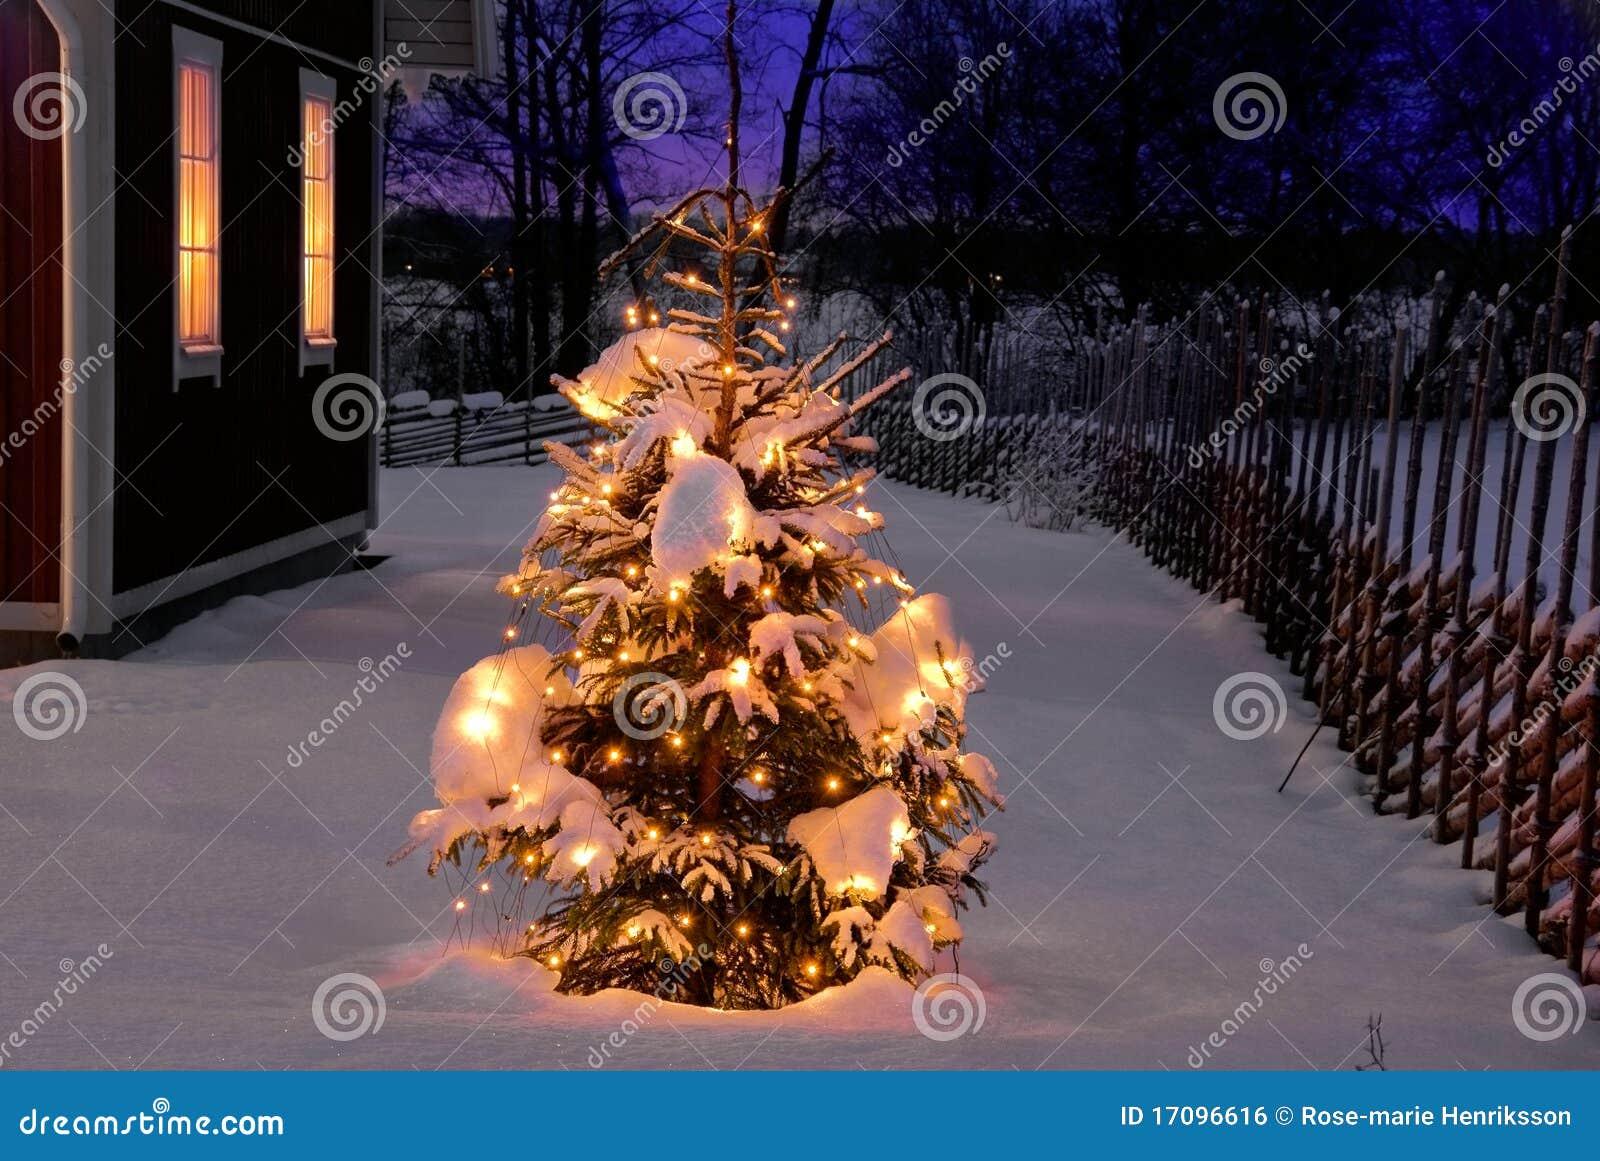 Weihnachtsbaum nachts